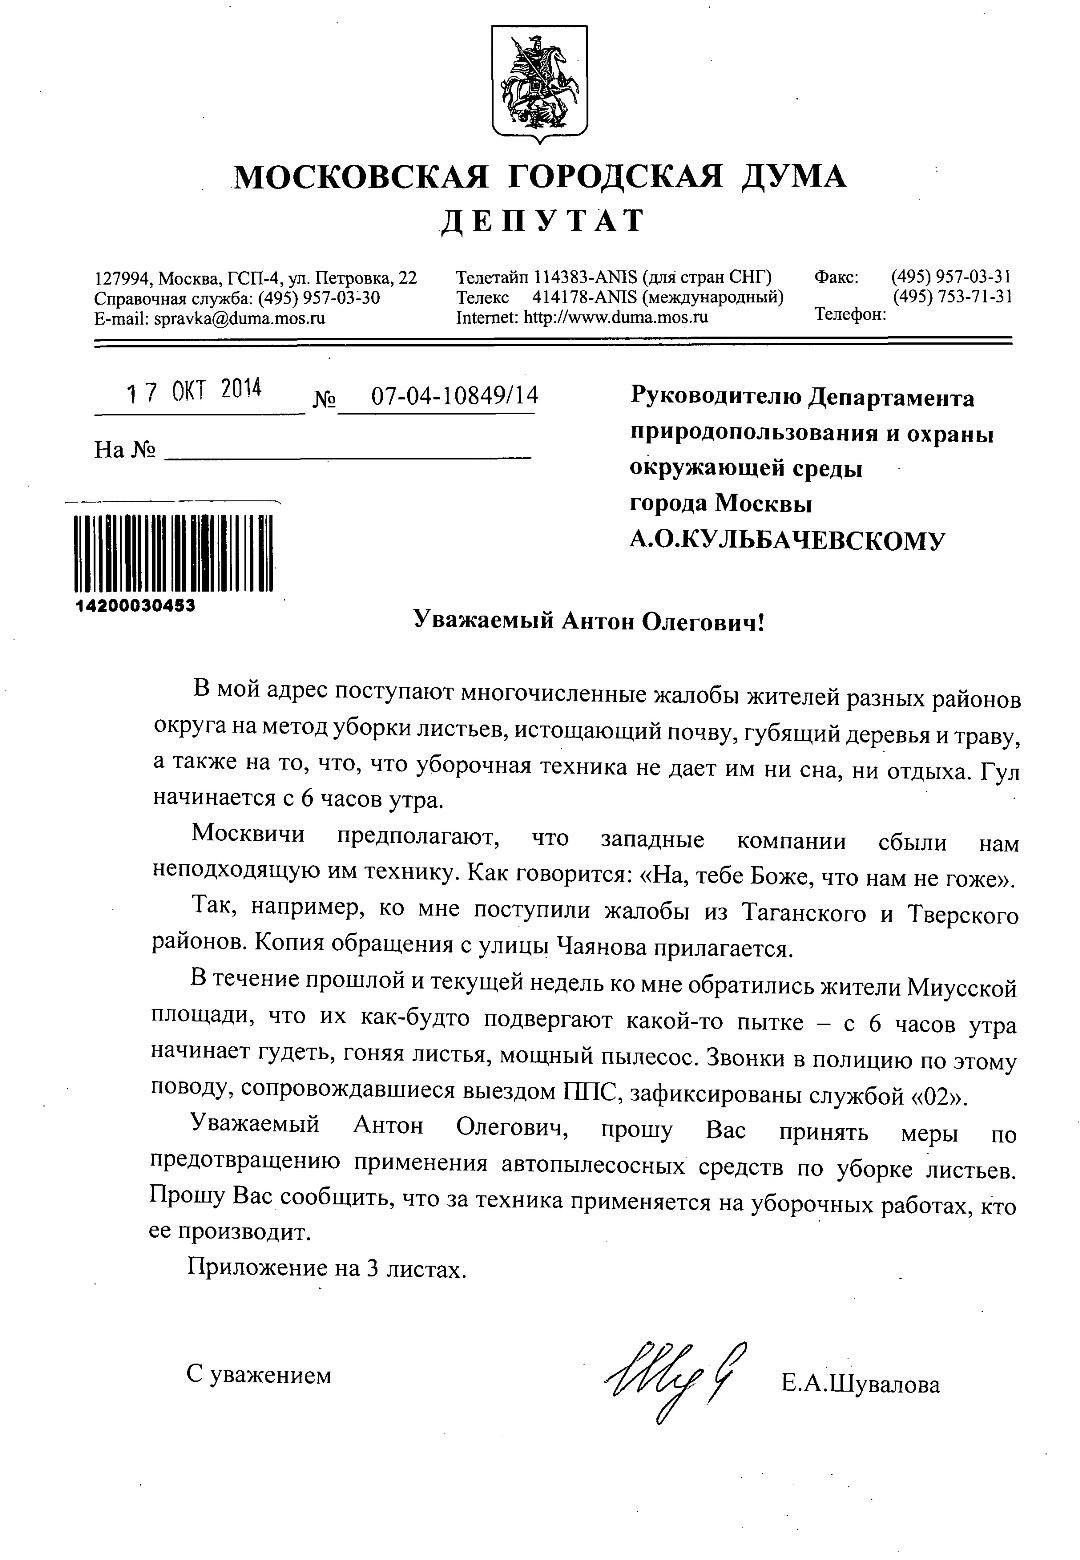 Письмо Кульбачевскому по поводу шума от уборки листвы